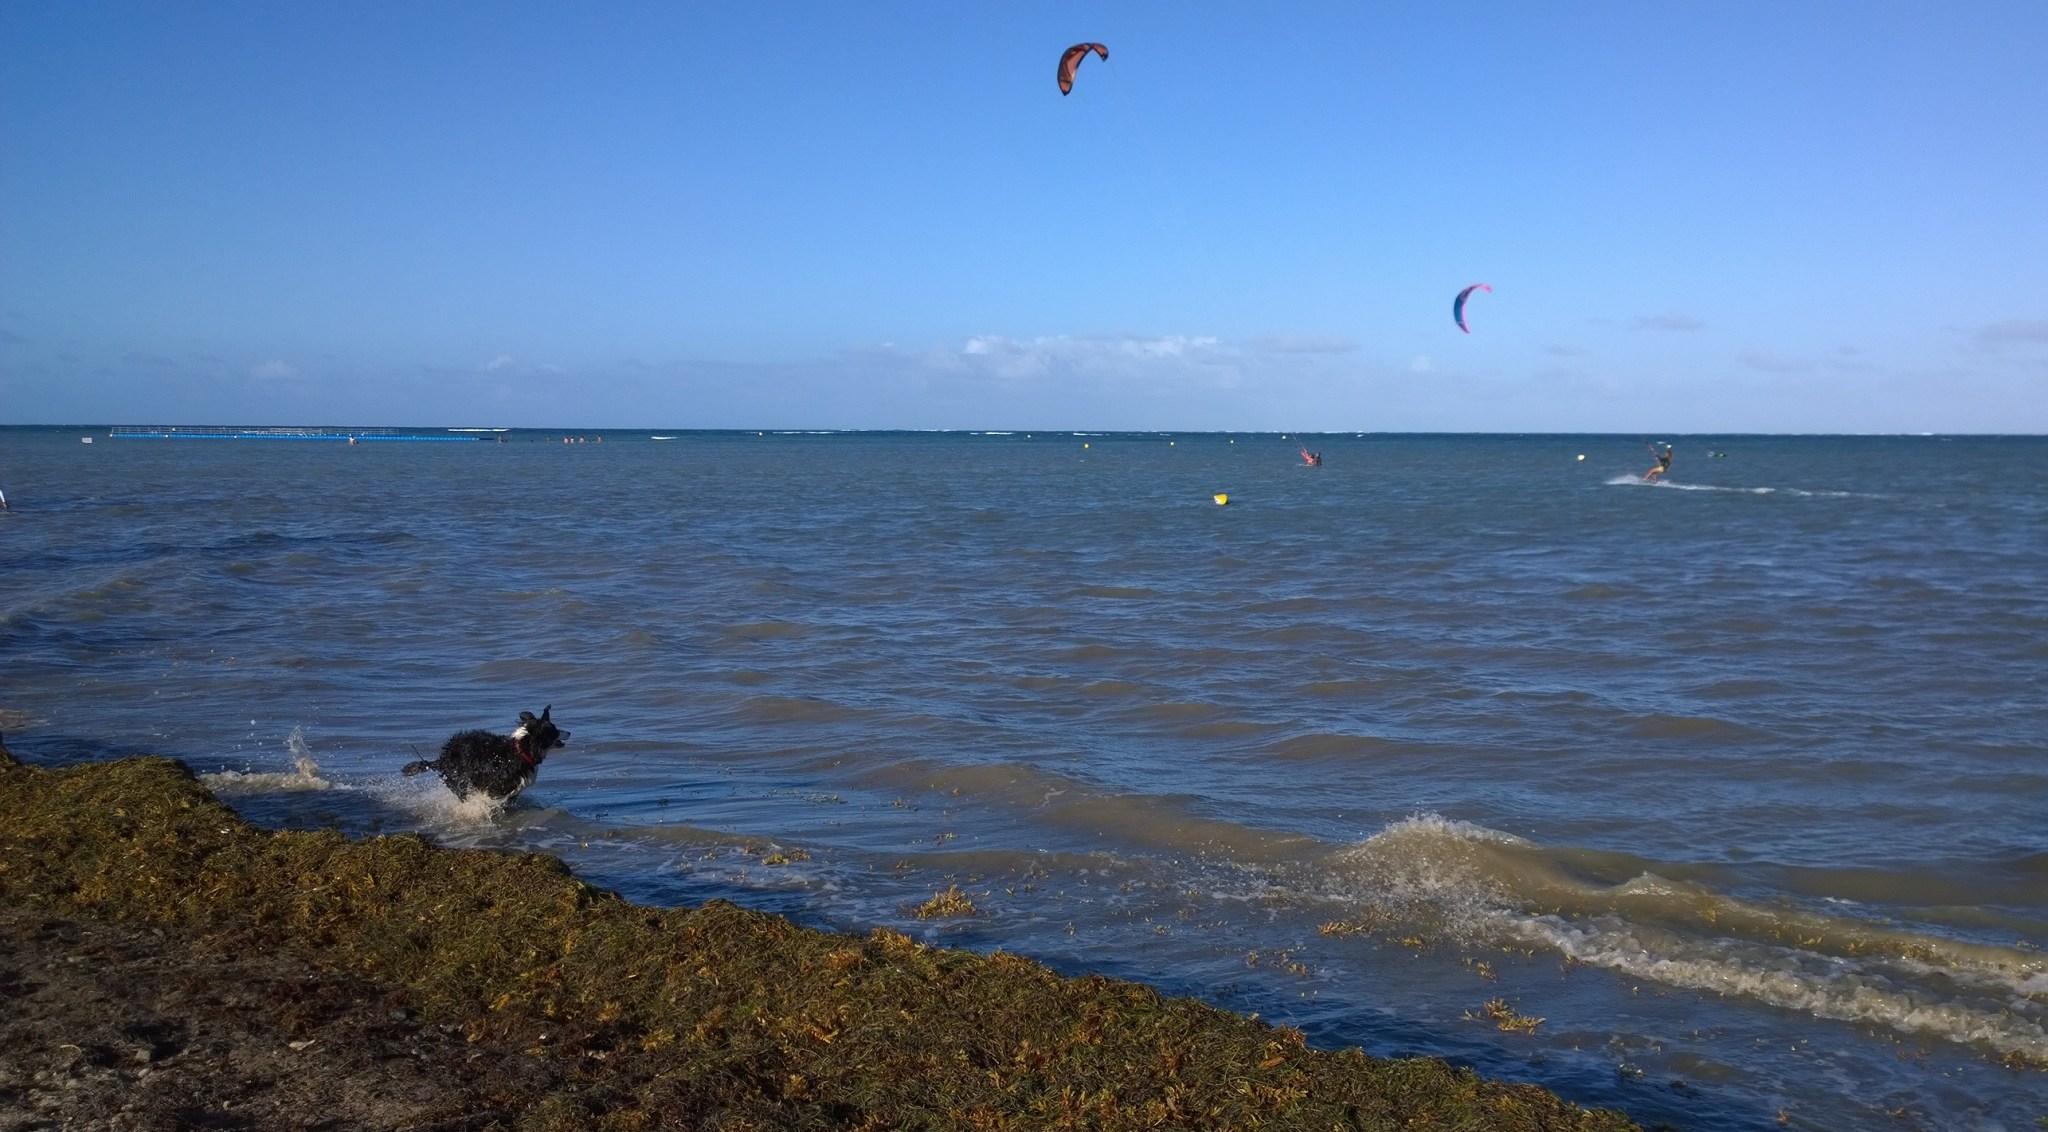 Mustavalkoinen salama veteli melkoista lenkkiä rannalla ees takaisin, kun omistaja paineli laudalla taivaanrannassa.